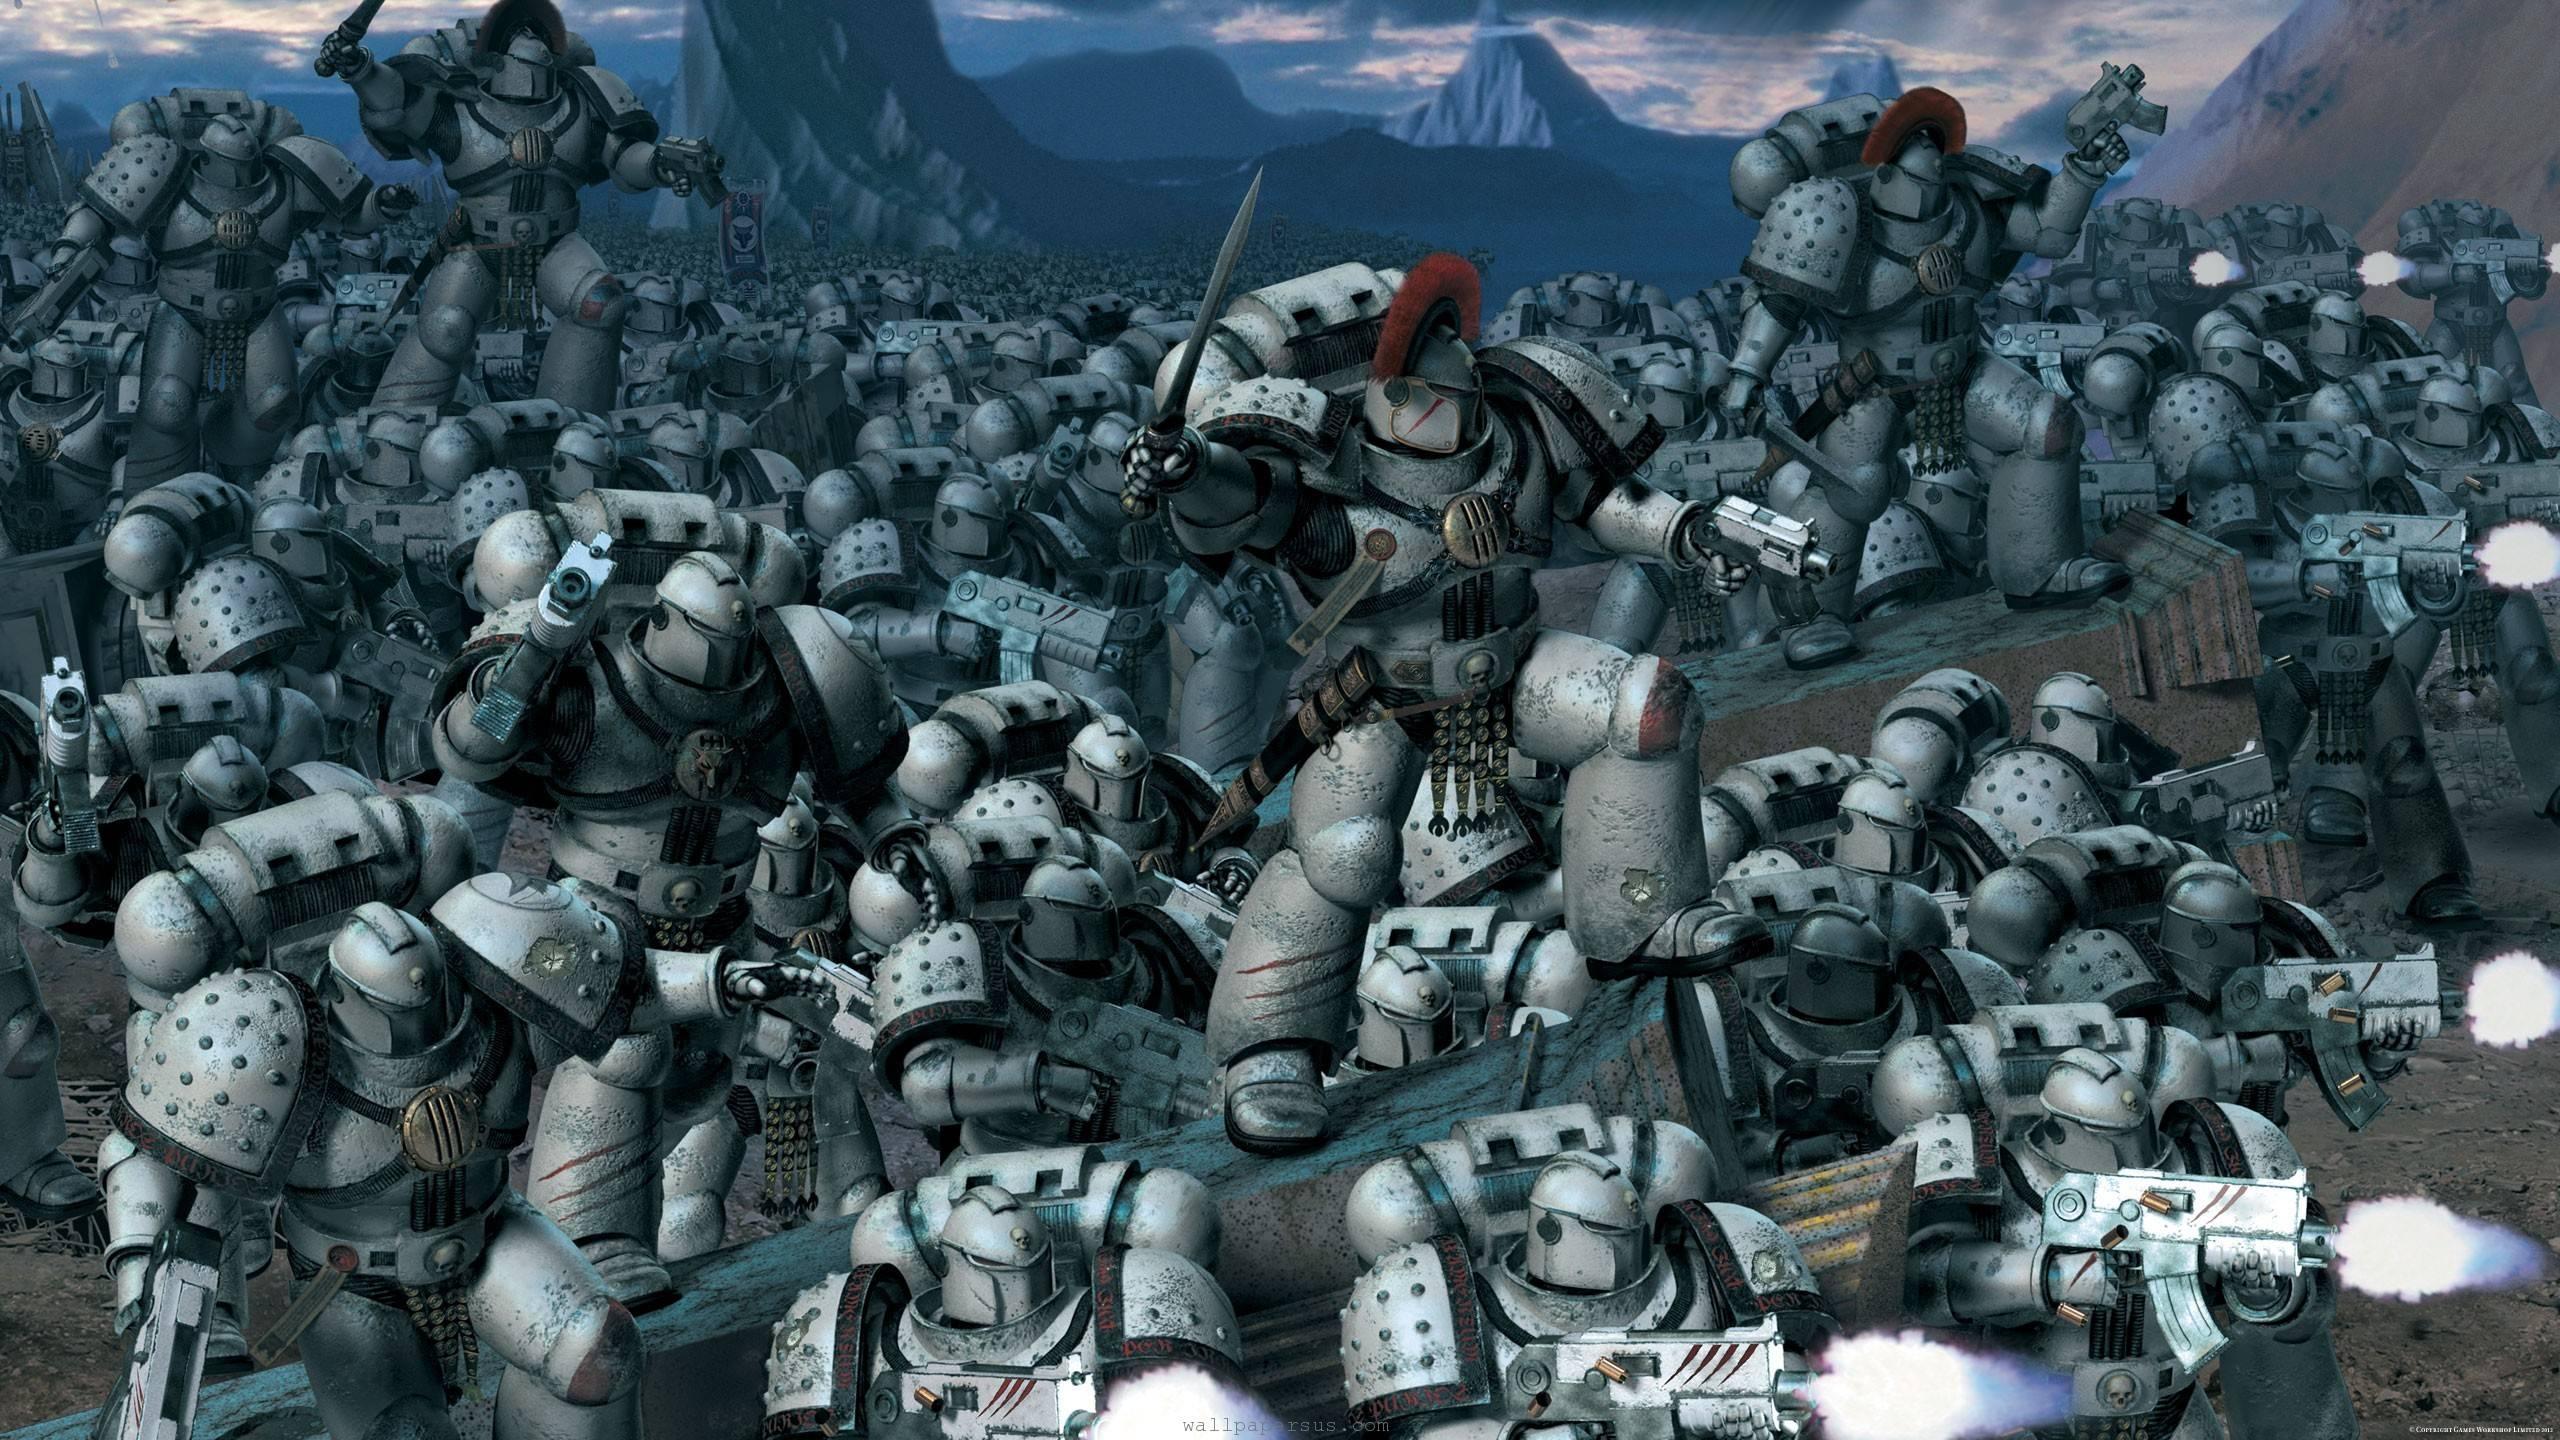 K Marine Viii Space Marines Wallpape...